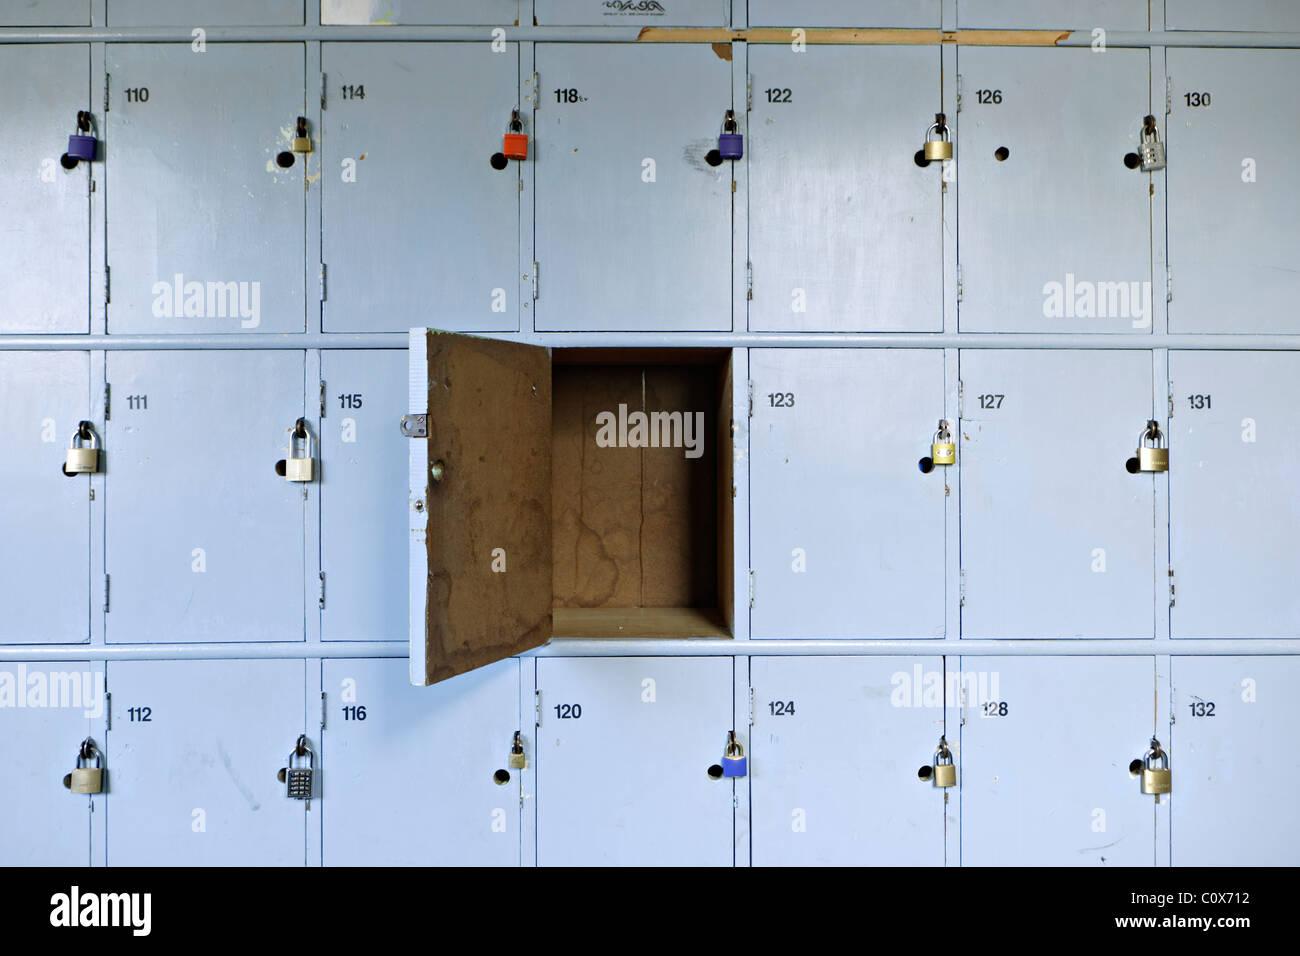 Des casiers de l'école avec un cadenas. Photo Stock